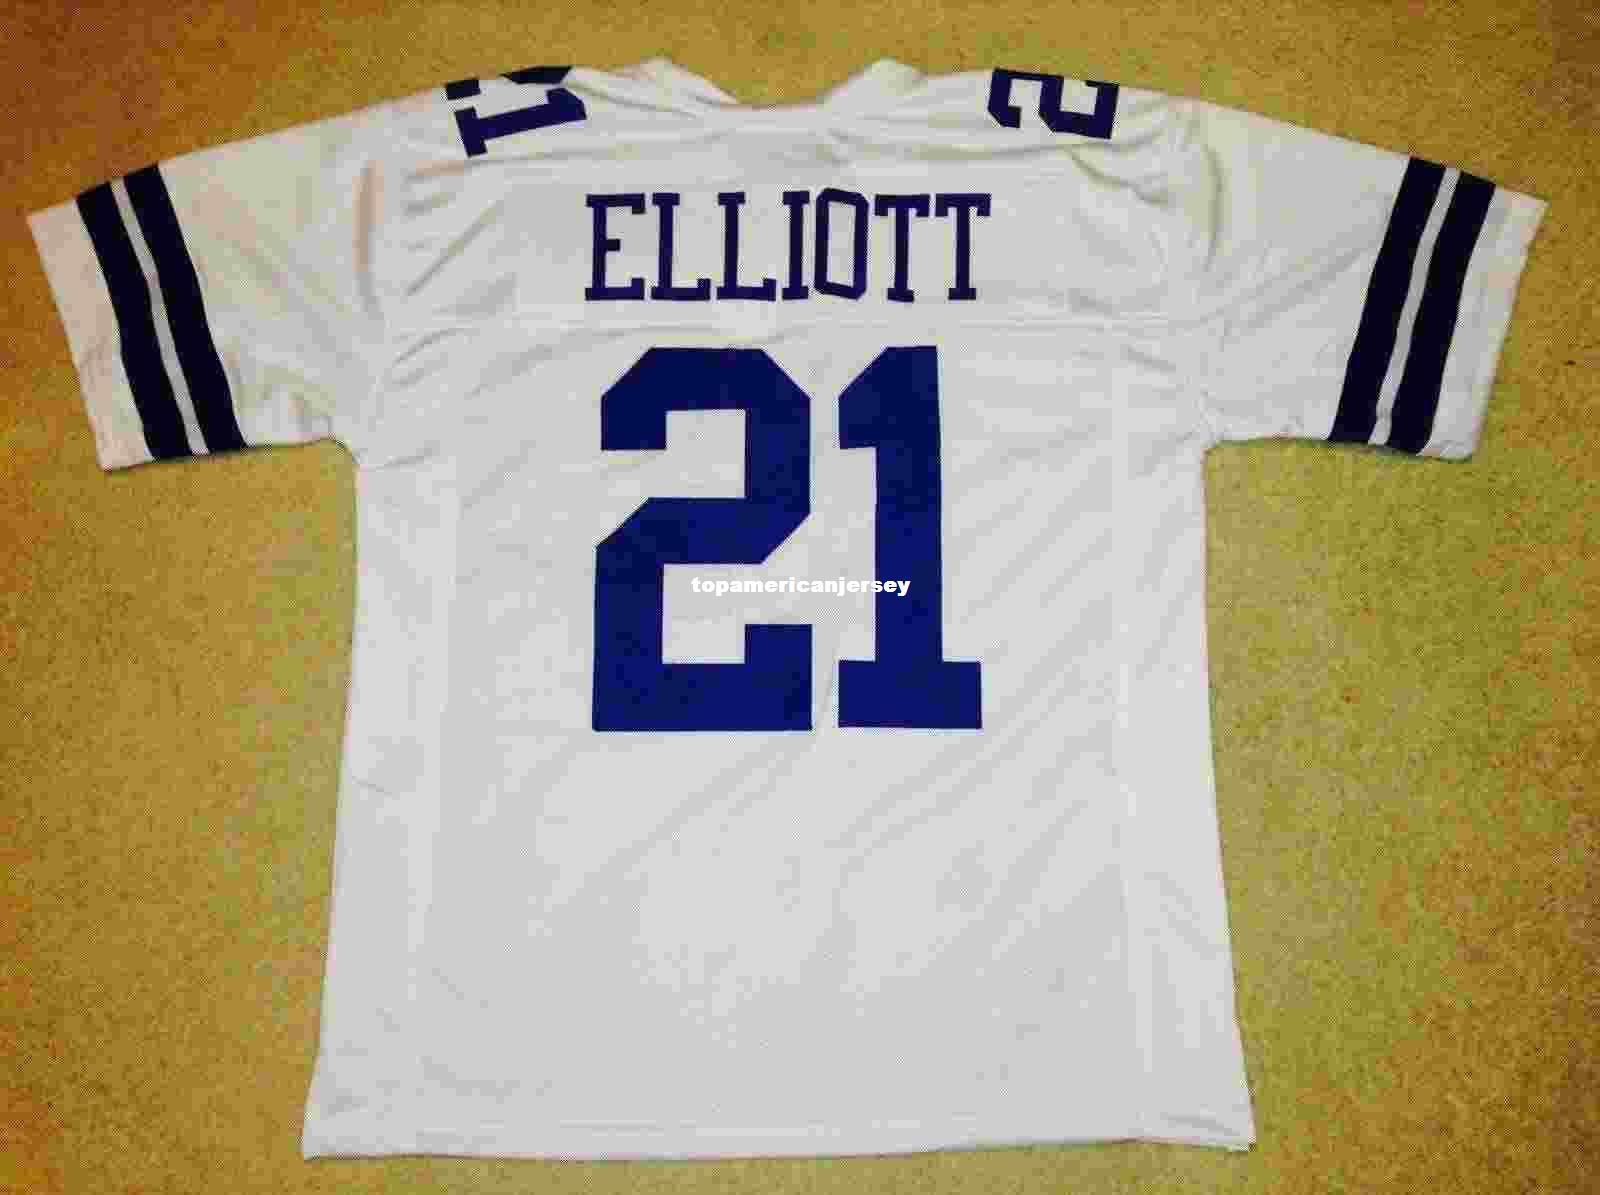 Pas cher Retro personnalisé Cousu Cousu # 21 Ezekiel Elliott Blanc Maillot MITCHELL NESS Haut S-5XL, 6XL Maillots de Football Rugby